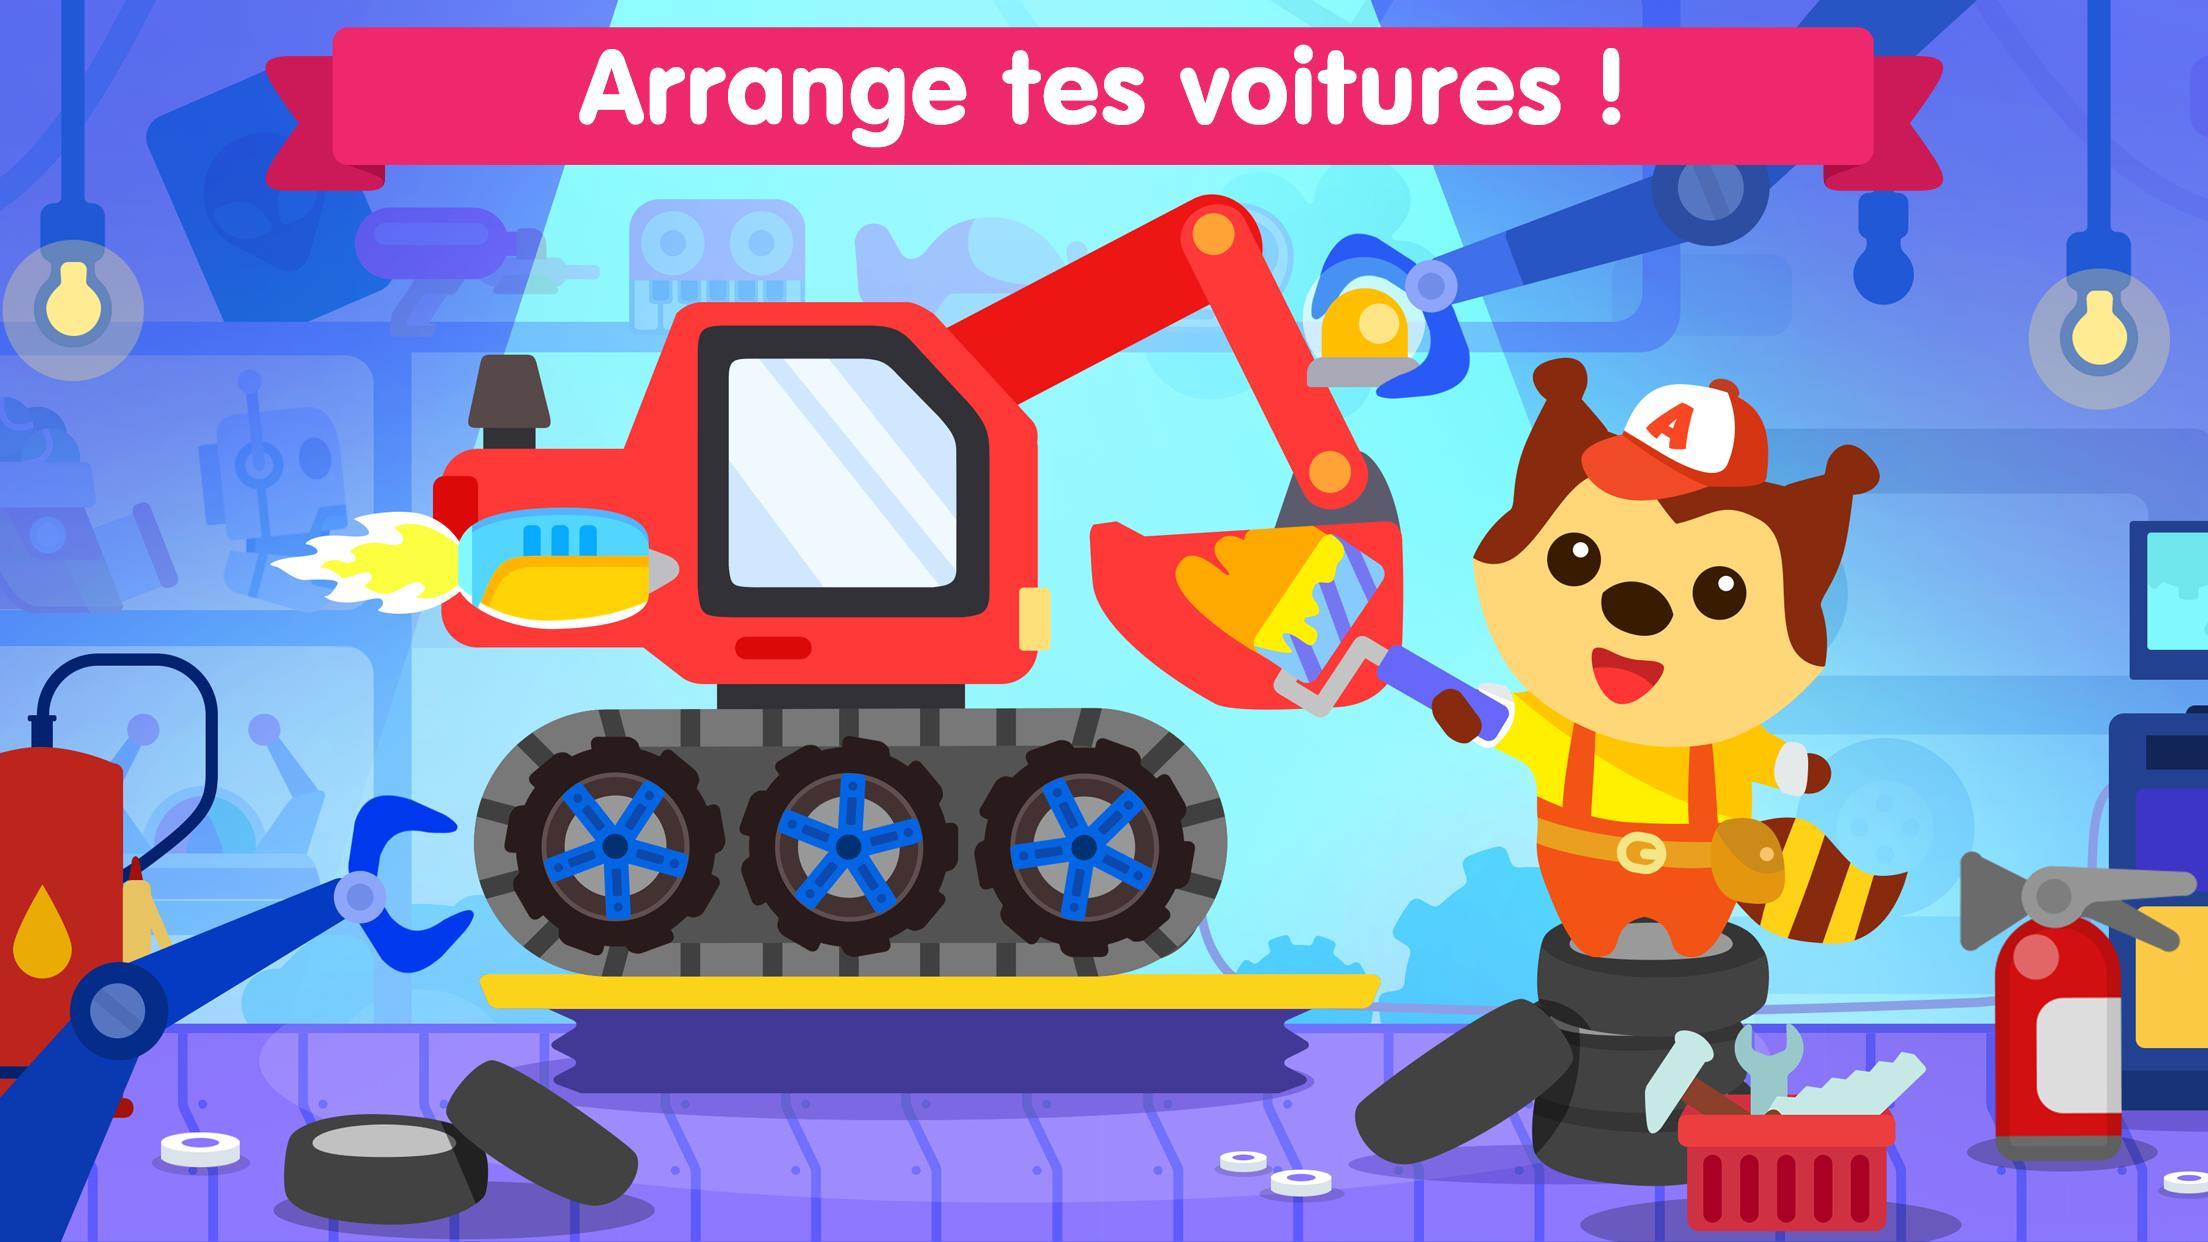 Jeu De Voiture Pour Les Bébés Et Enfants 3 Ans Pour Android tout Jeux Pour Un Enfant De 3 Ans